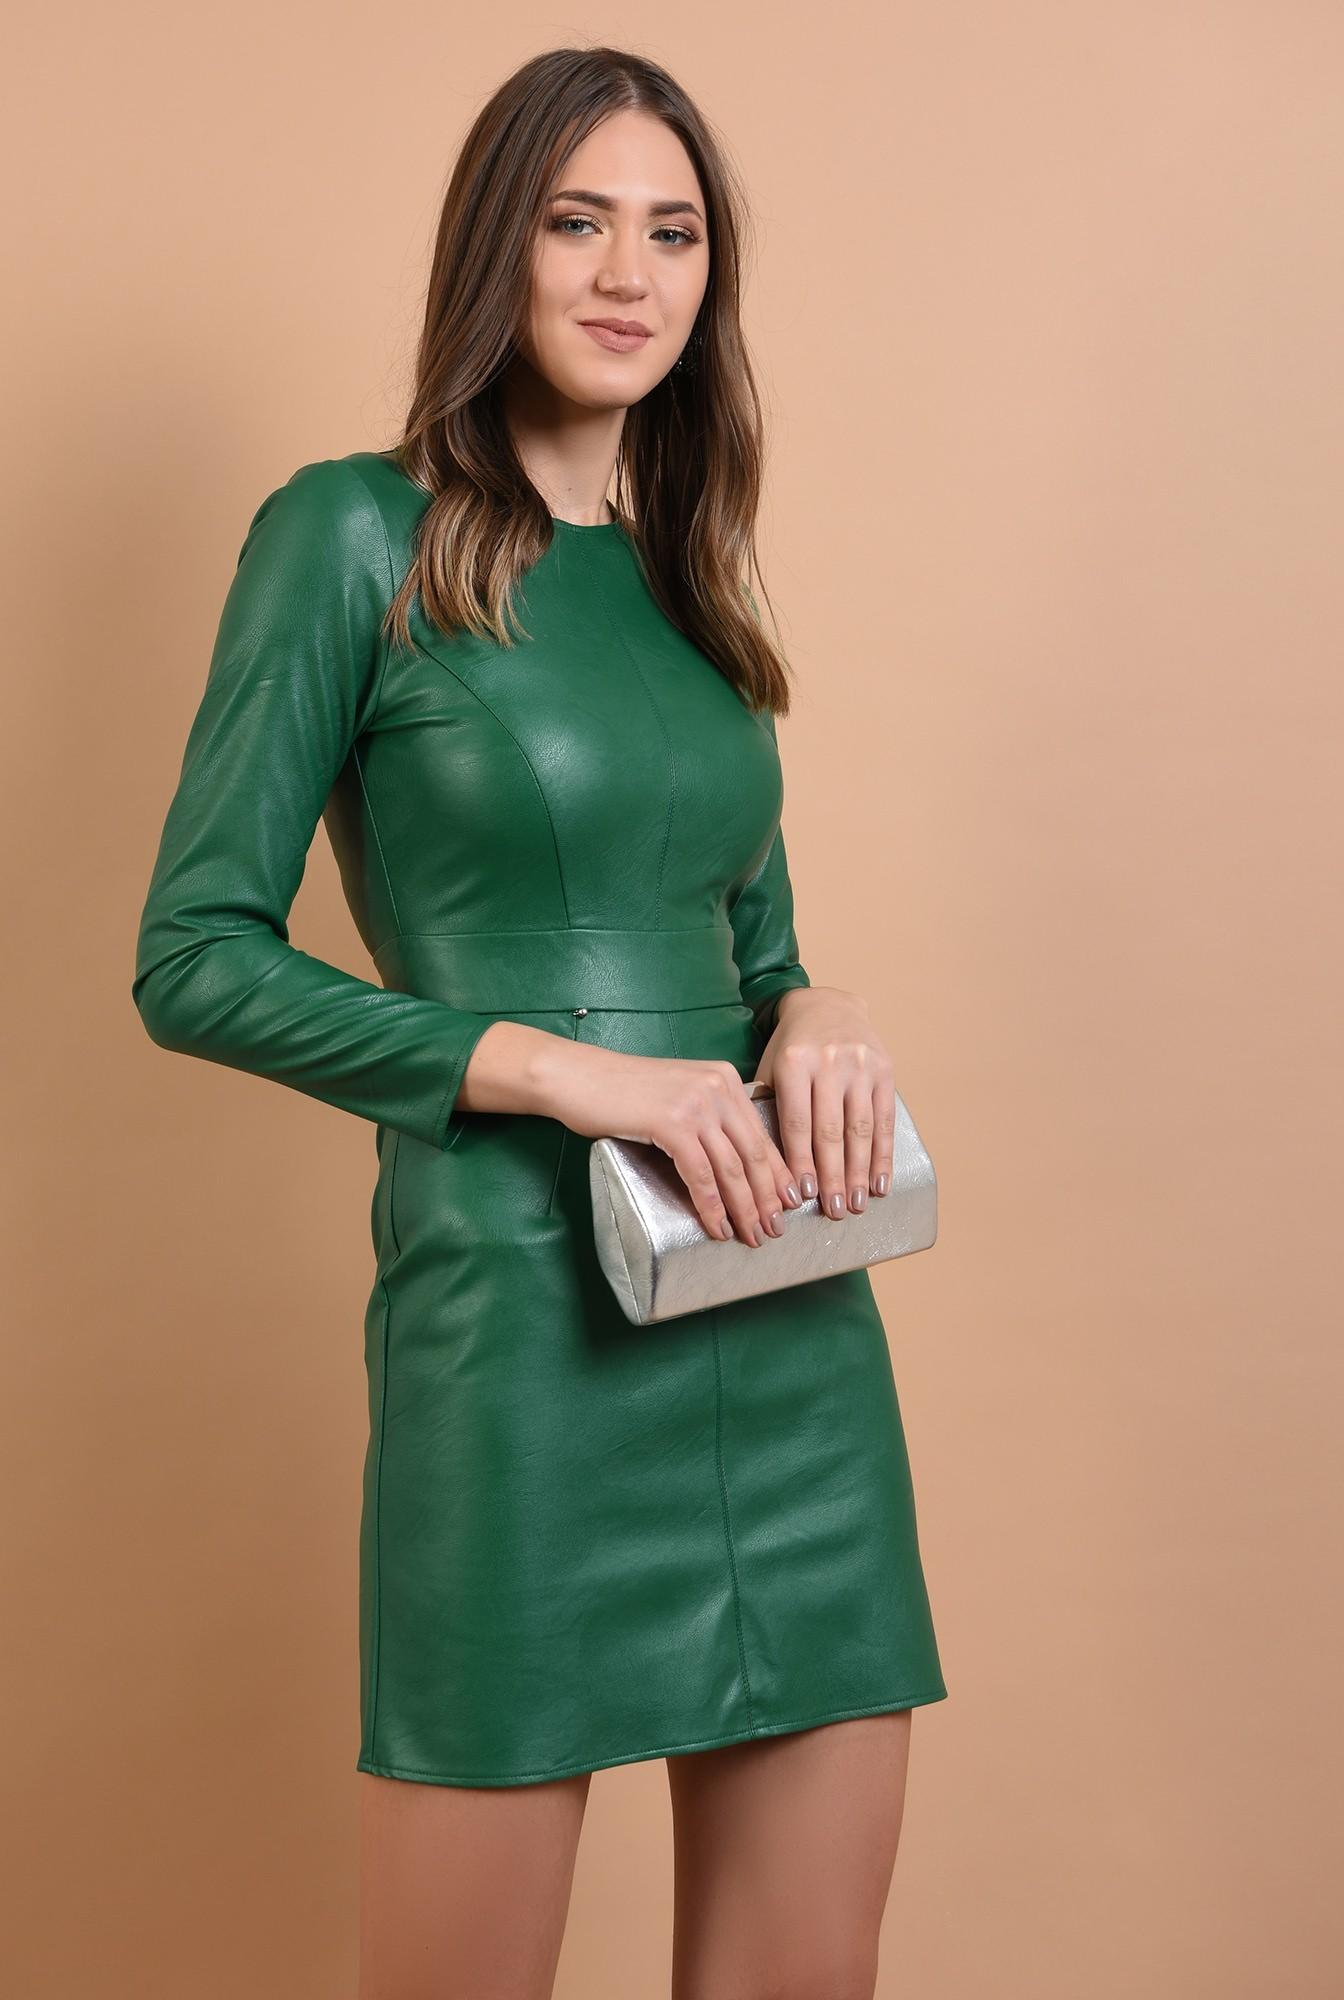 0 -  rochie eleganta, din piele, mini, cambrata, Poema